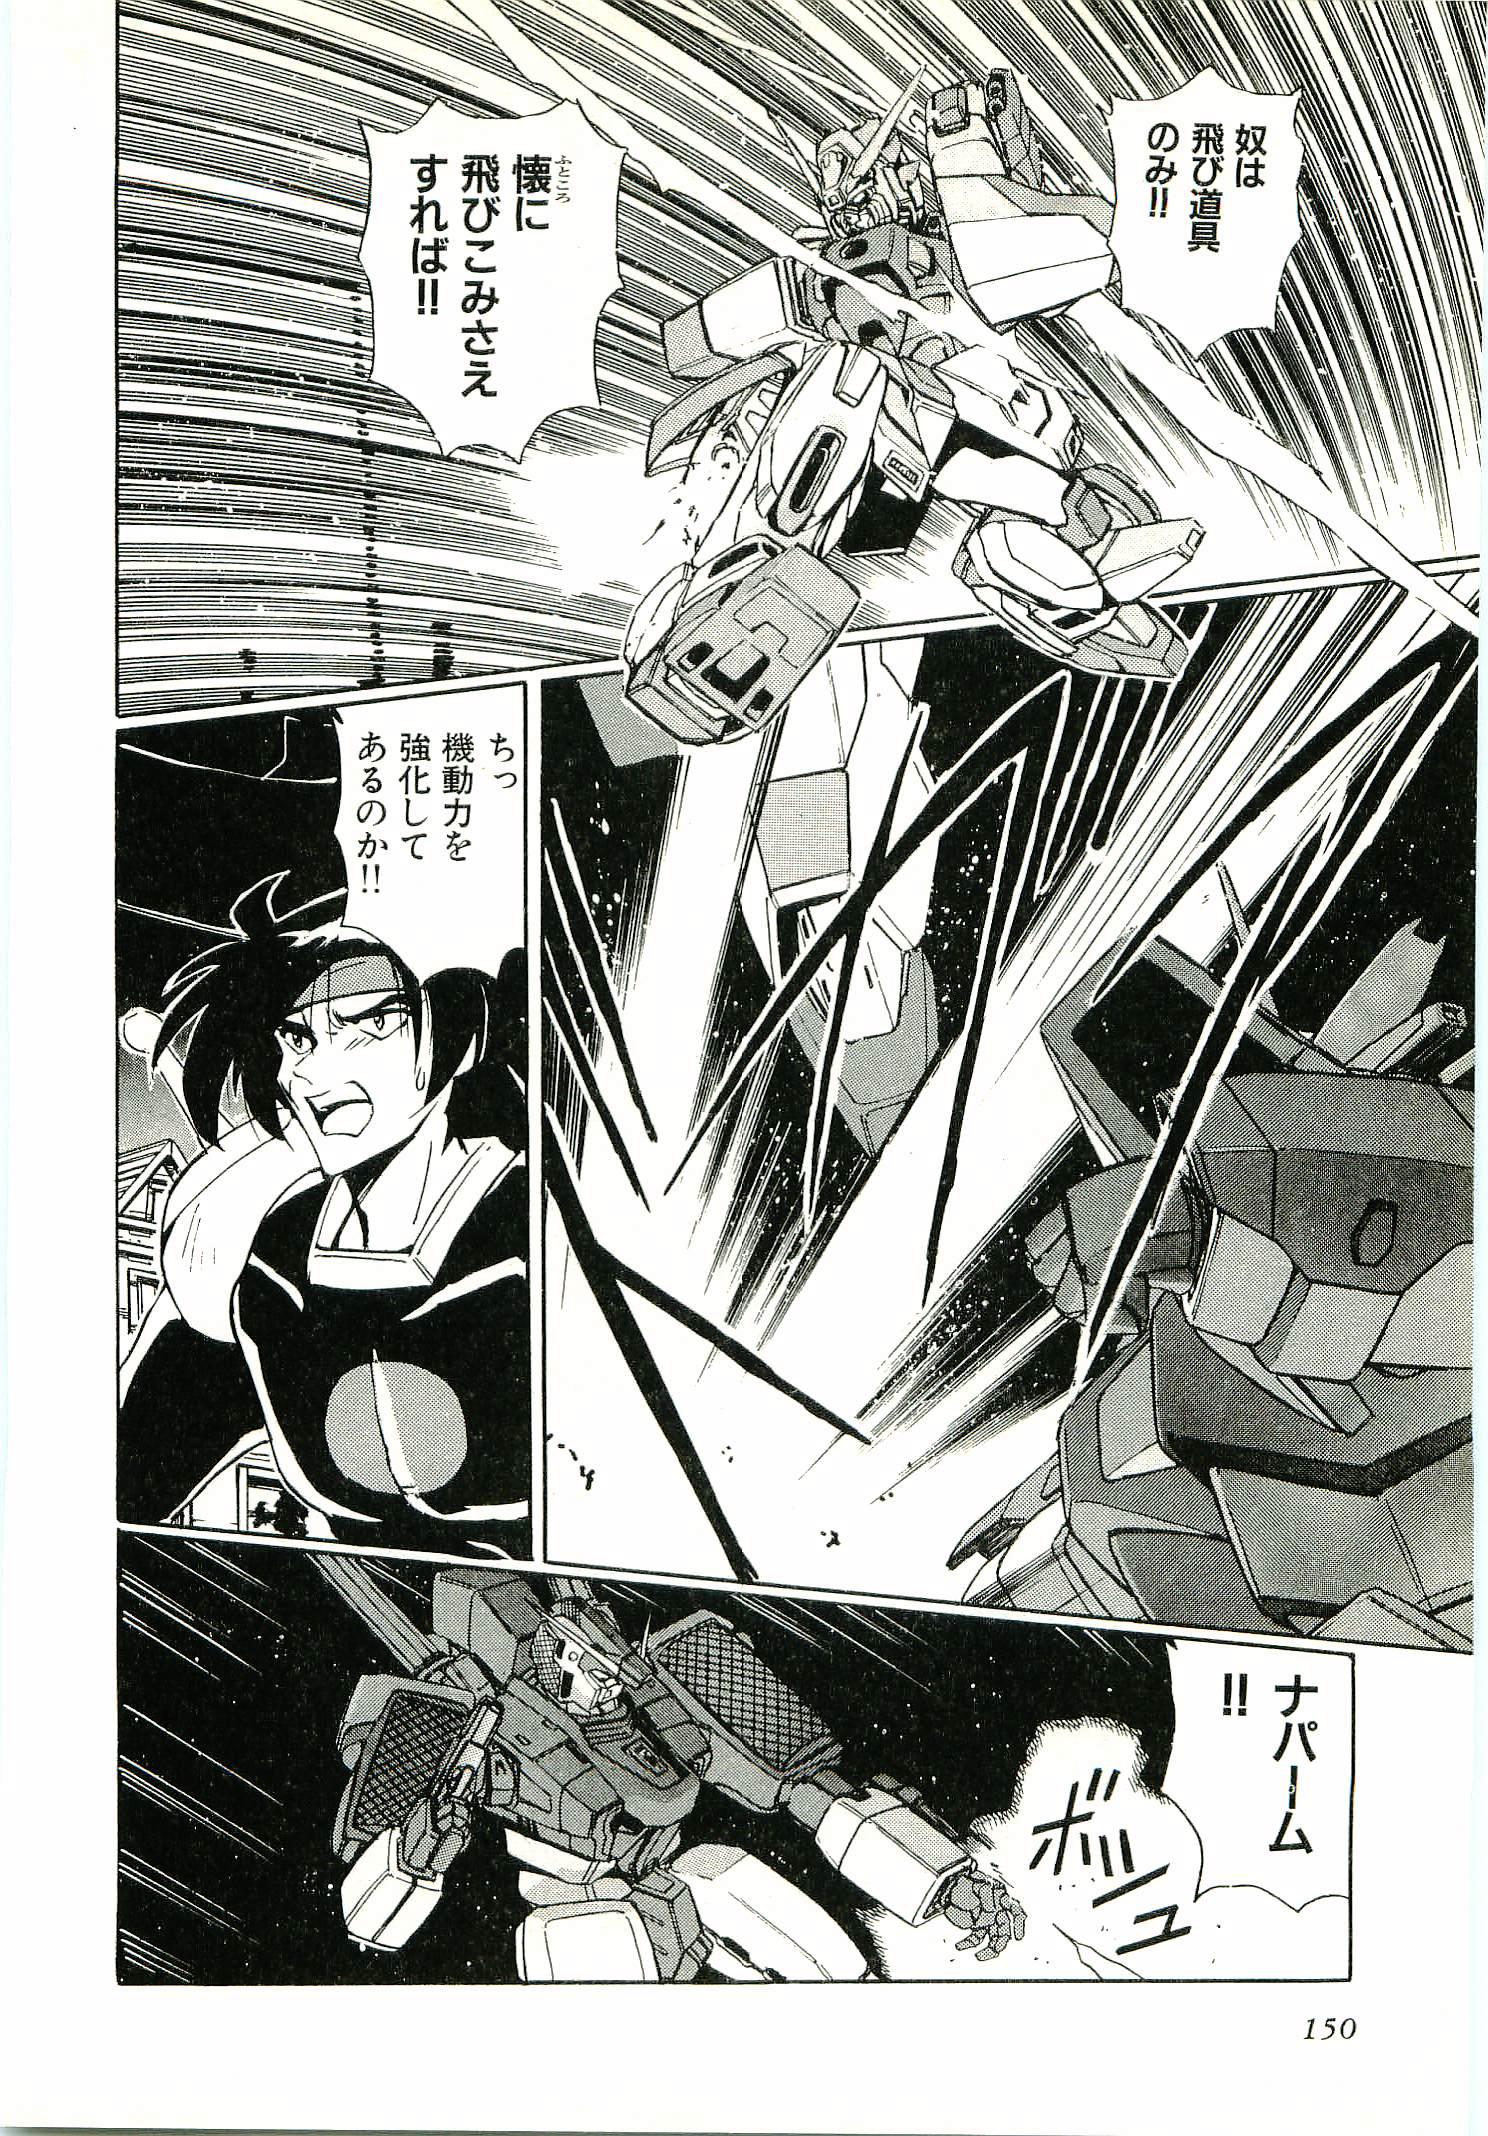 Image mobile fighter g gundam edge of for Domon is sekai s master